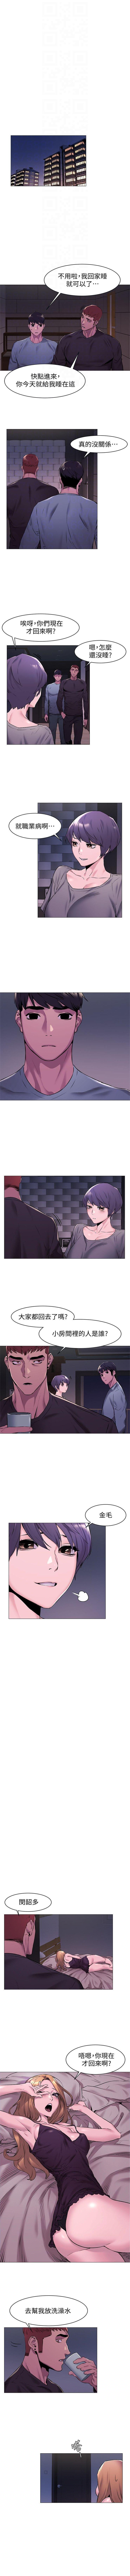 衝突 1-100官方中文(連載中) 361